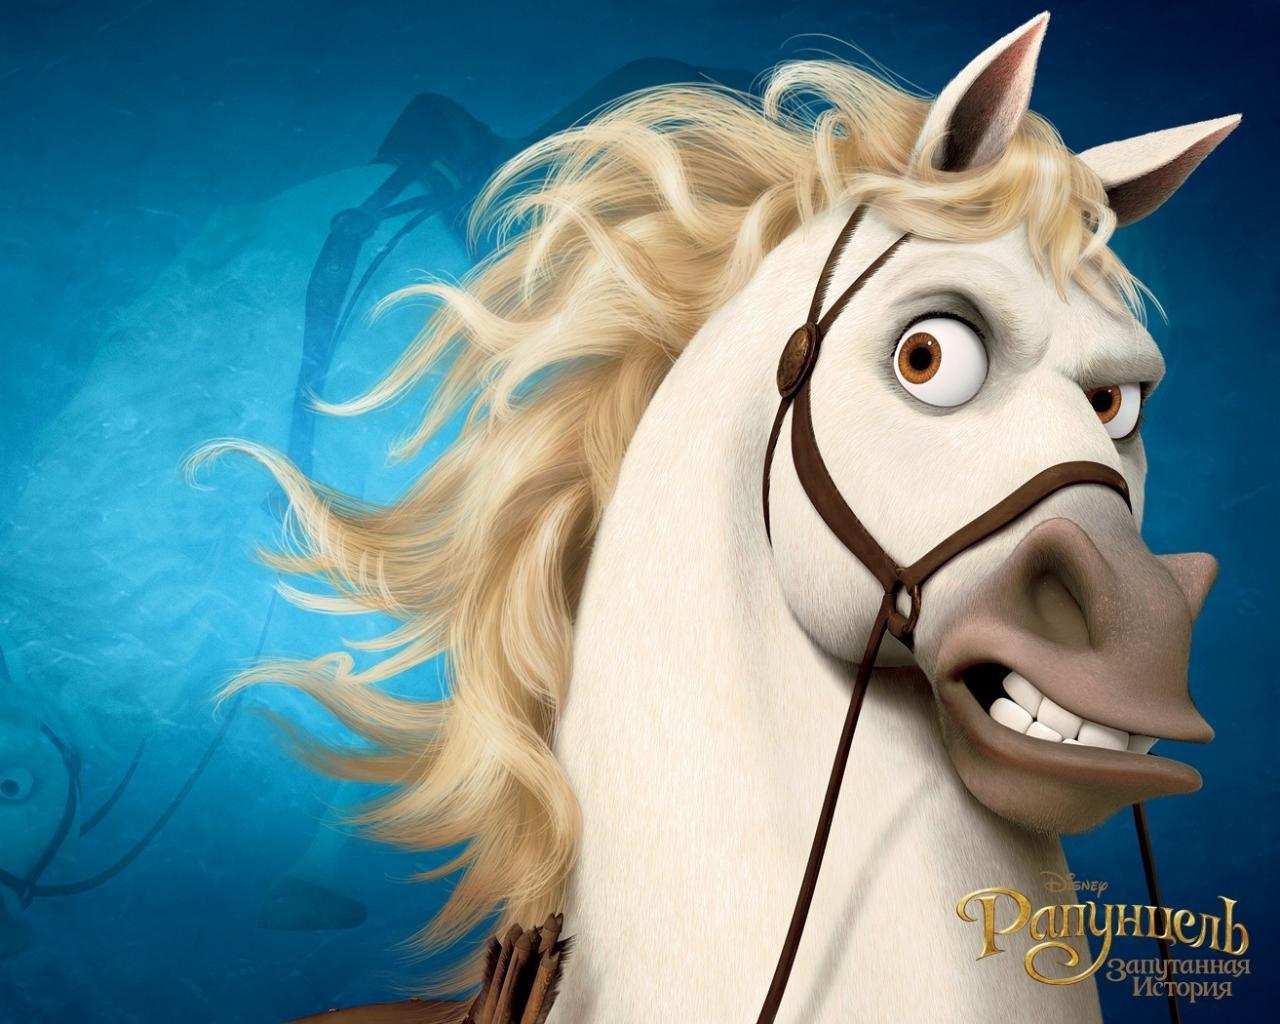 Рапунцель обои на рабочий стол, фото, конь, лошадь